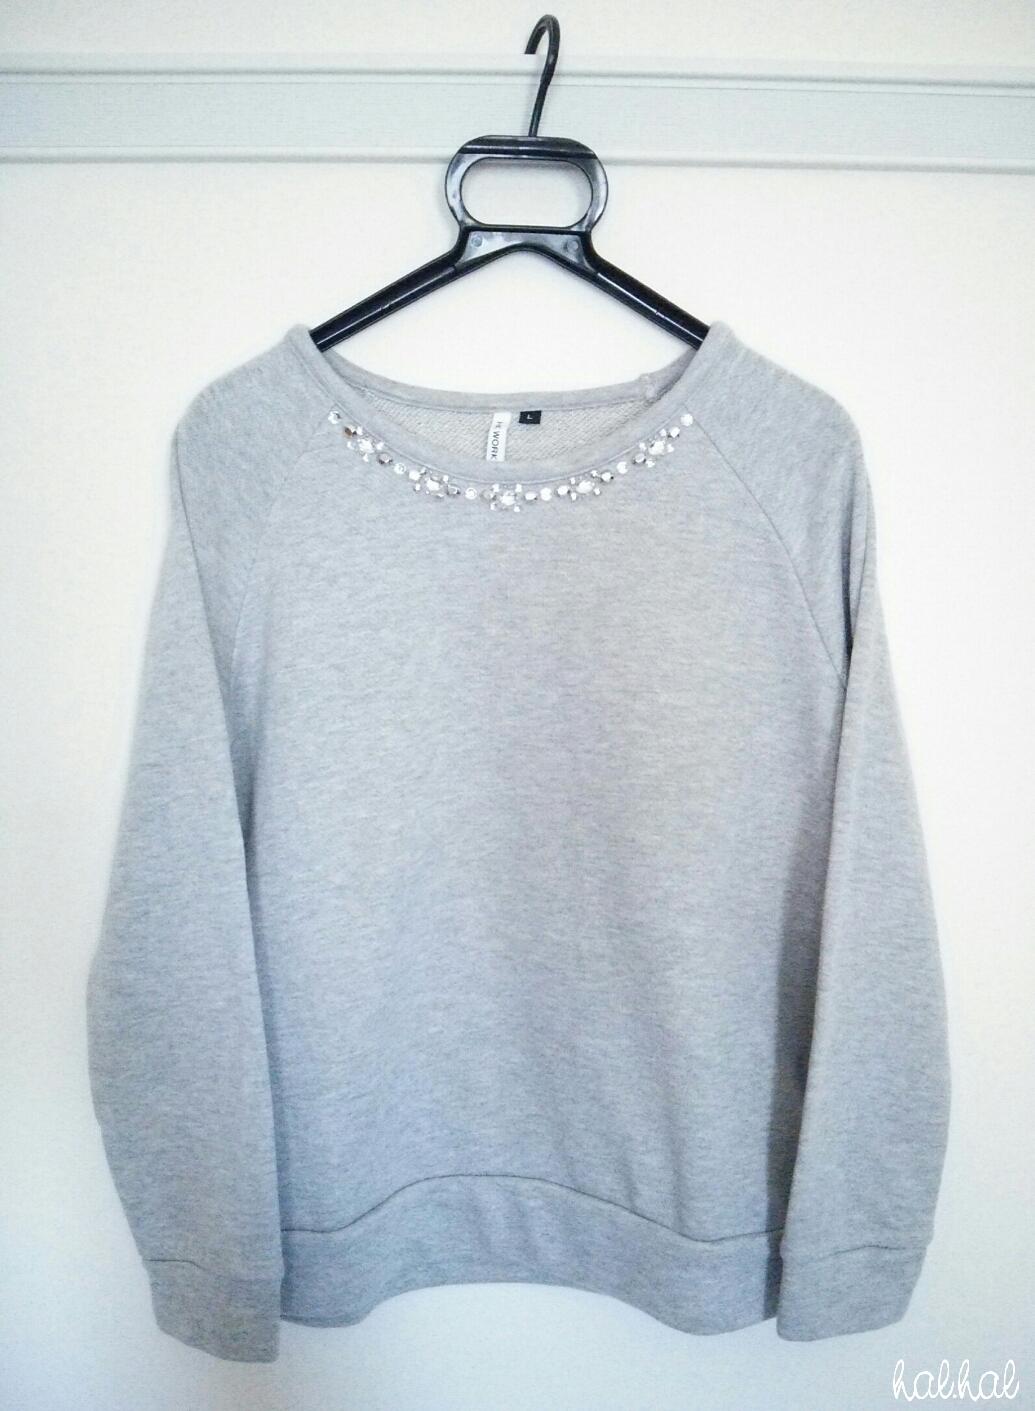 しまむらでおしゃれな服を安くゲットしよう!人気のデザインの服は?のサムネイル画像